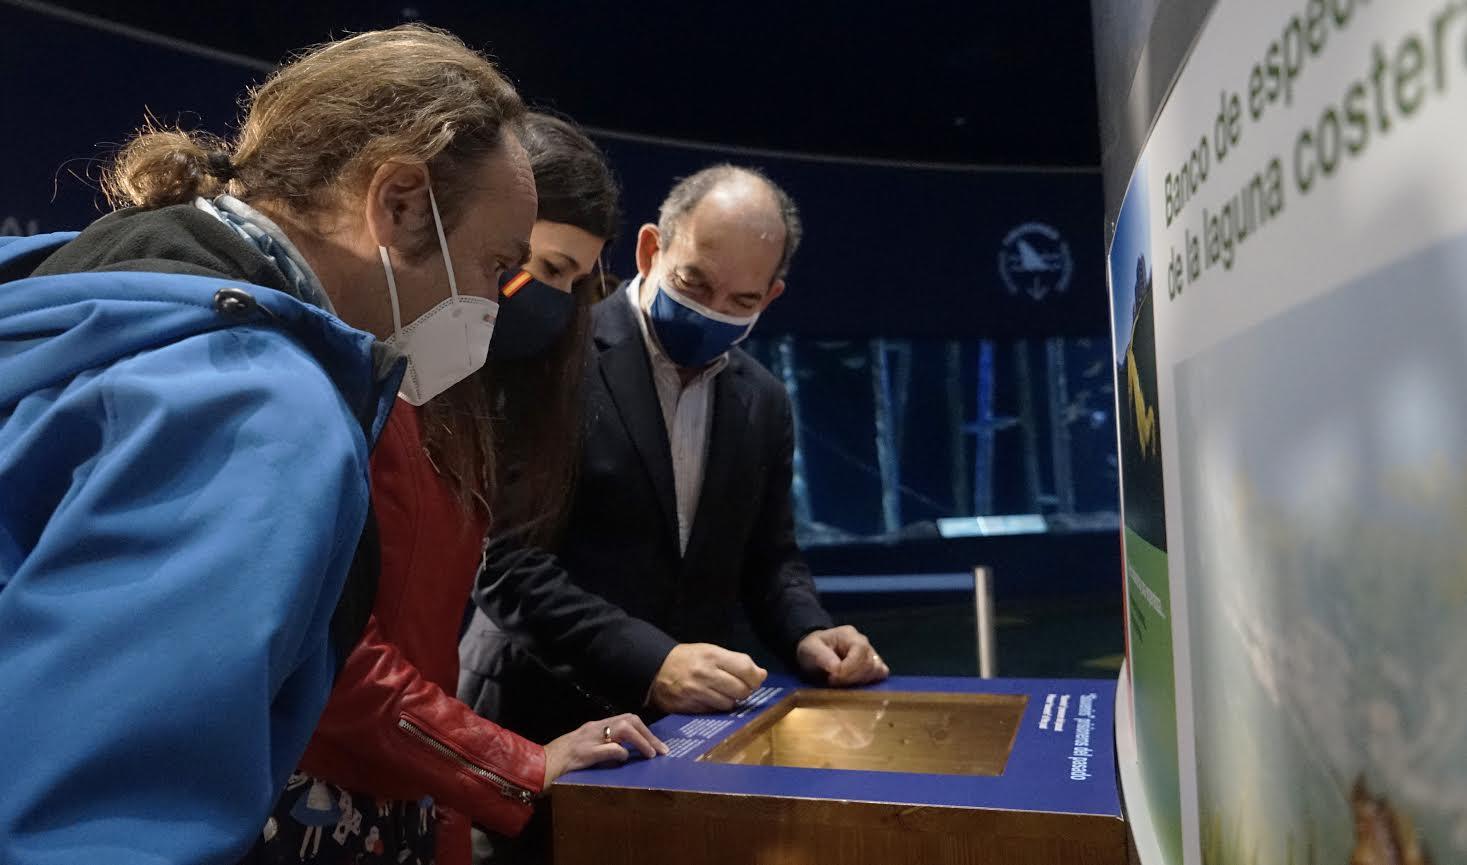 Javier Murcia, Miriam Pérez y Eduardo observan uno de los paneles. Imagen: Oceanogràfic